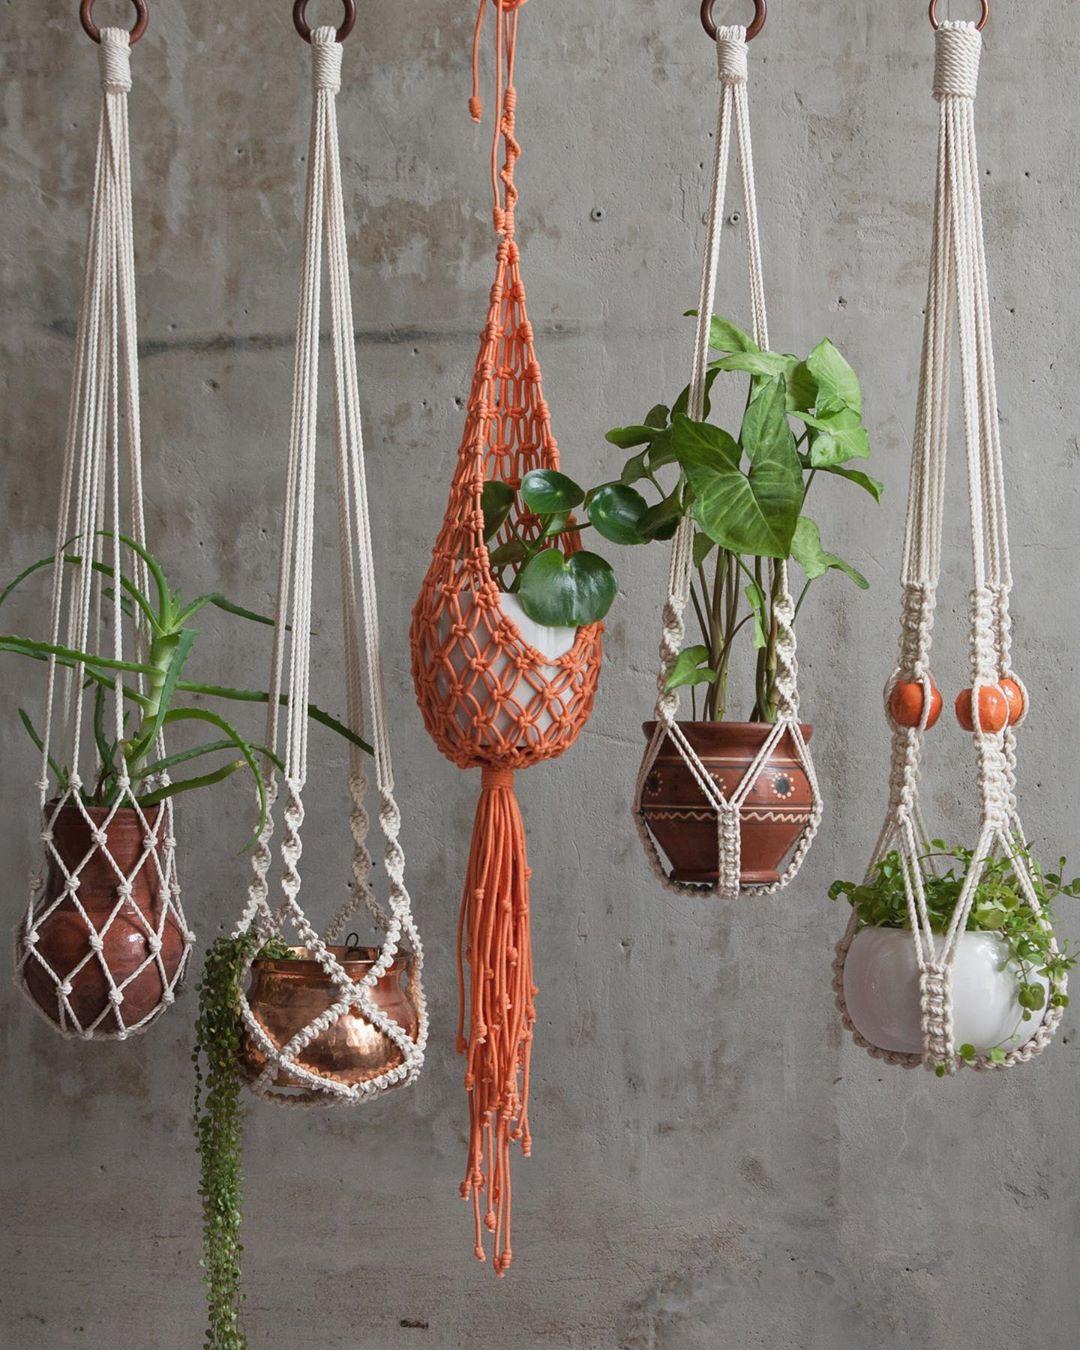 Jardín colgante con macetas y tejidos